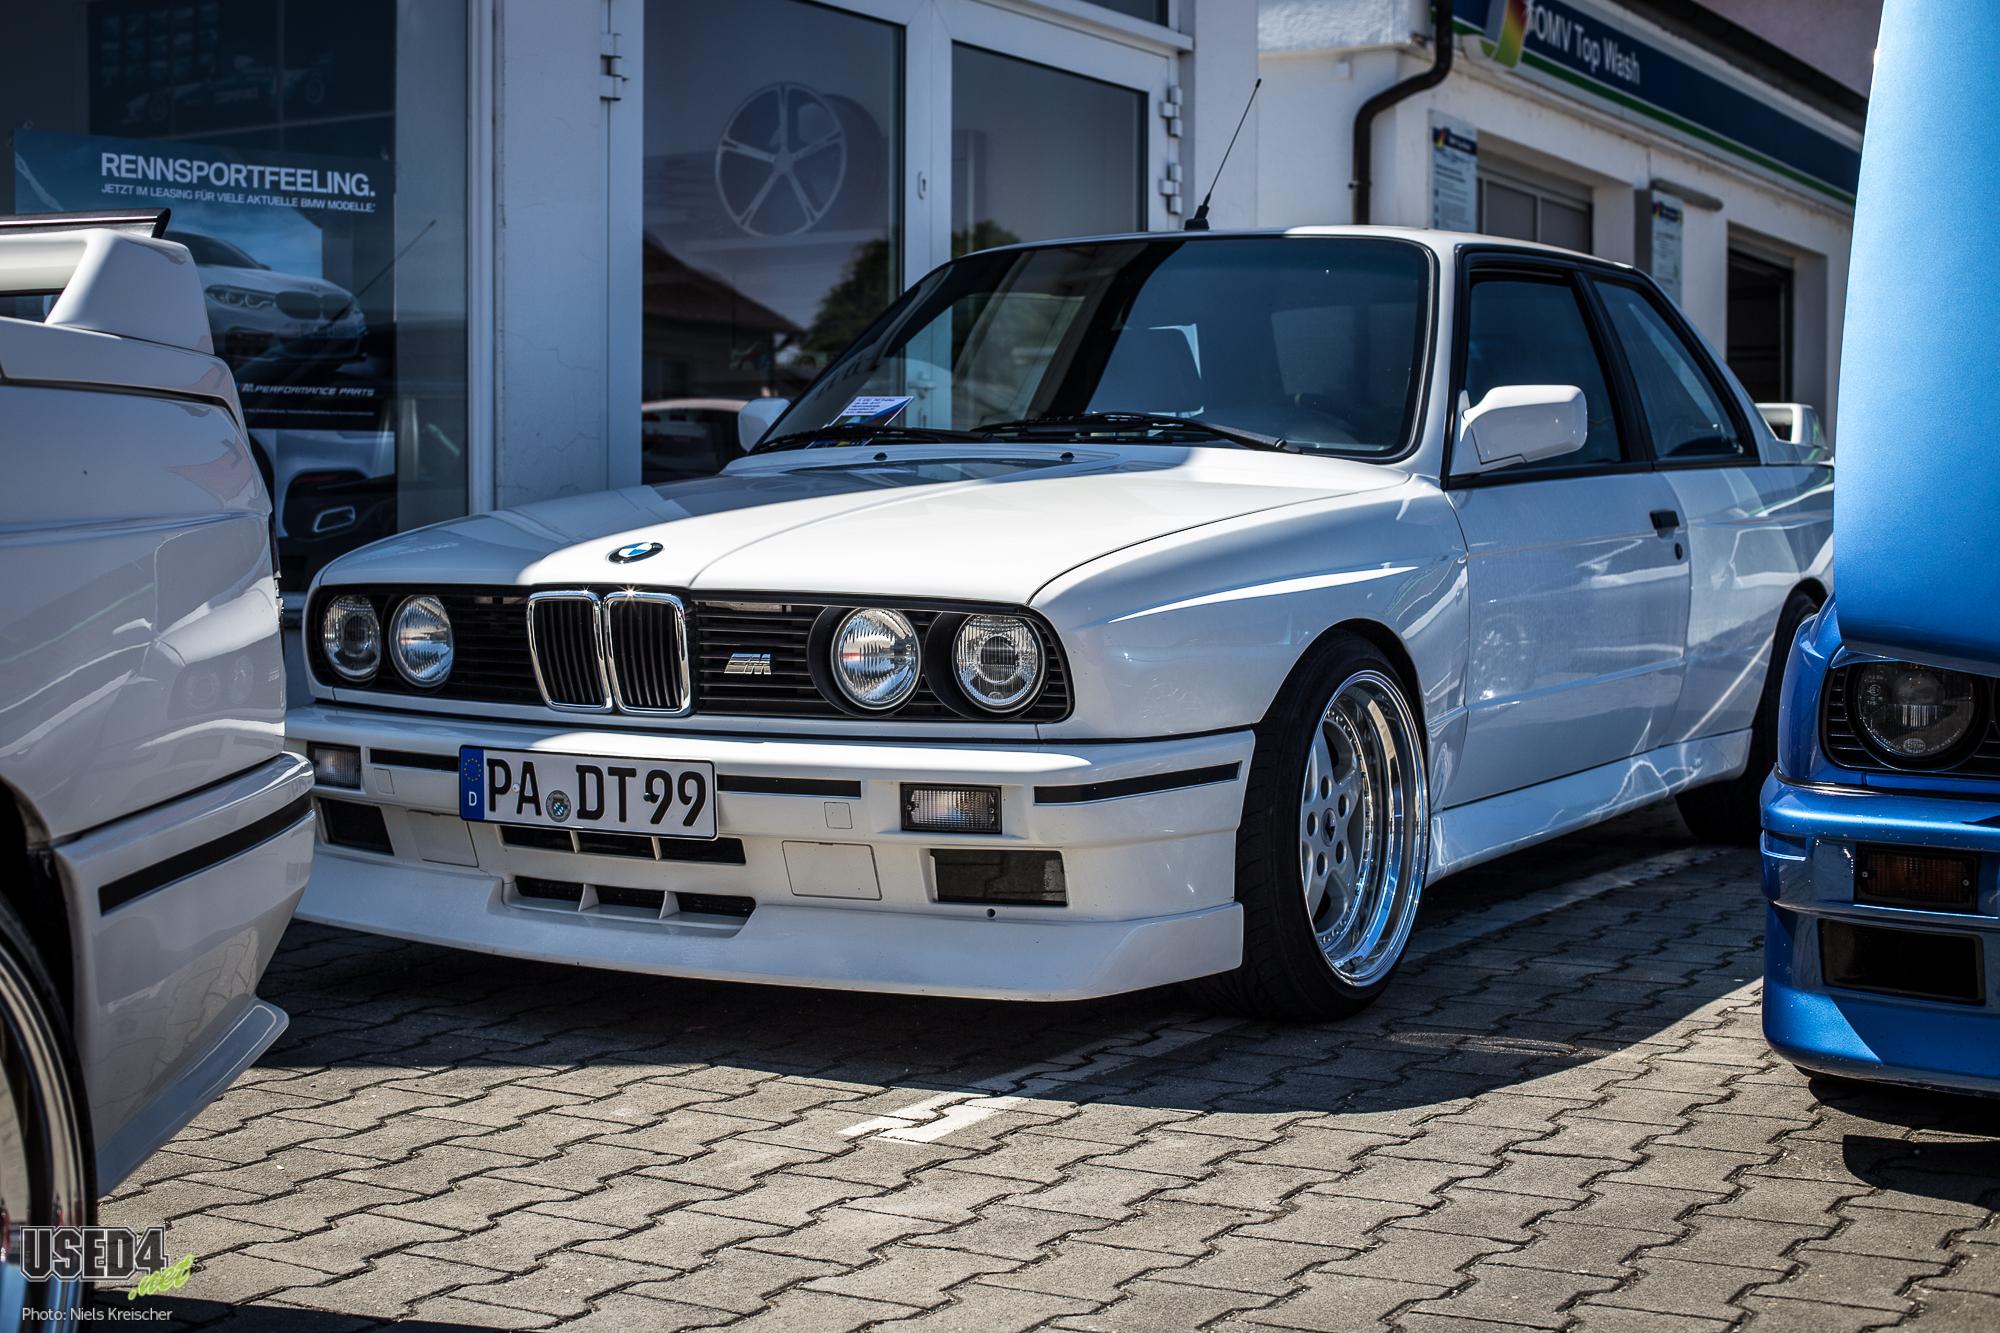 BMW-Treffen Geiselhöring – In Memoriam Karl Jungmayer